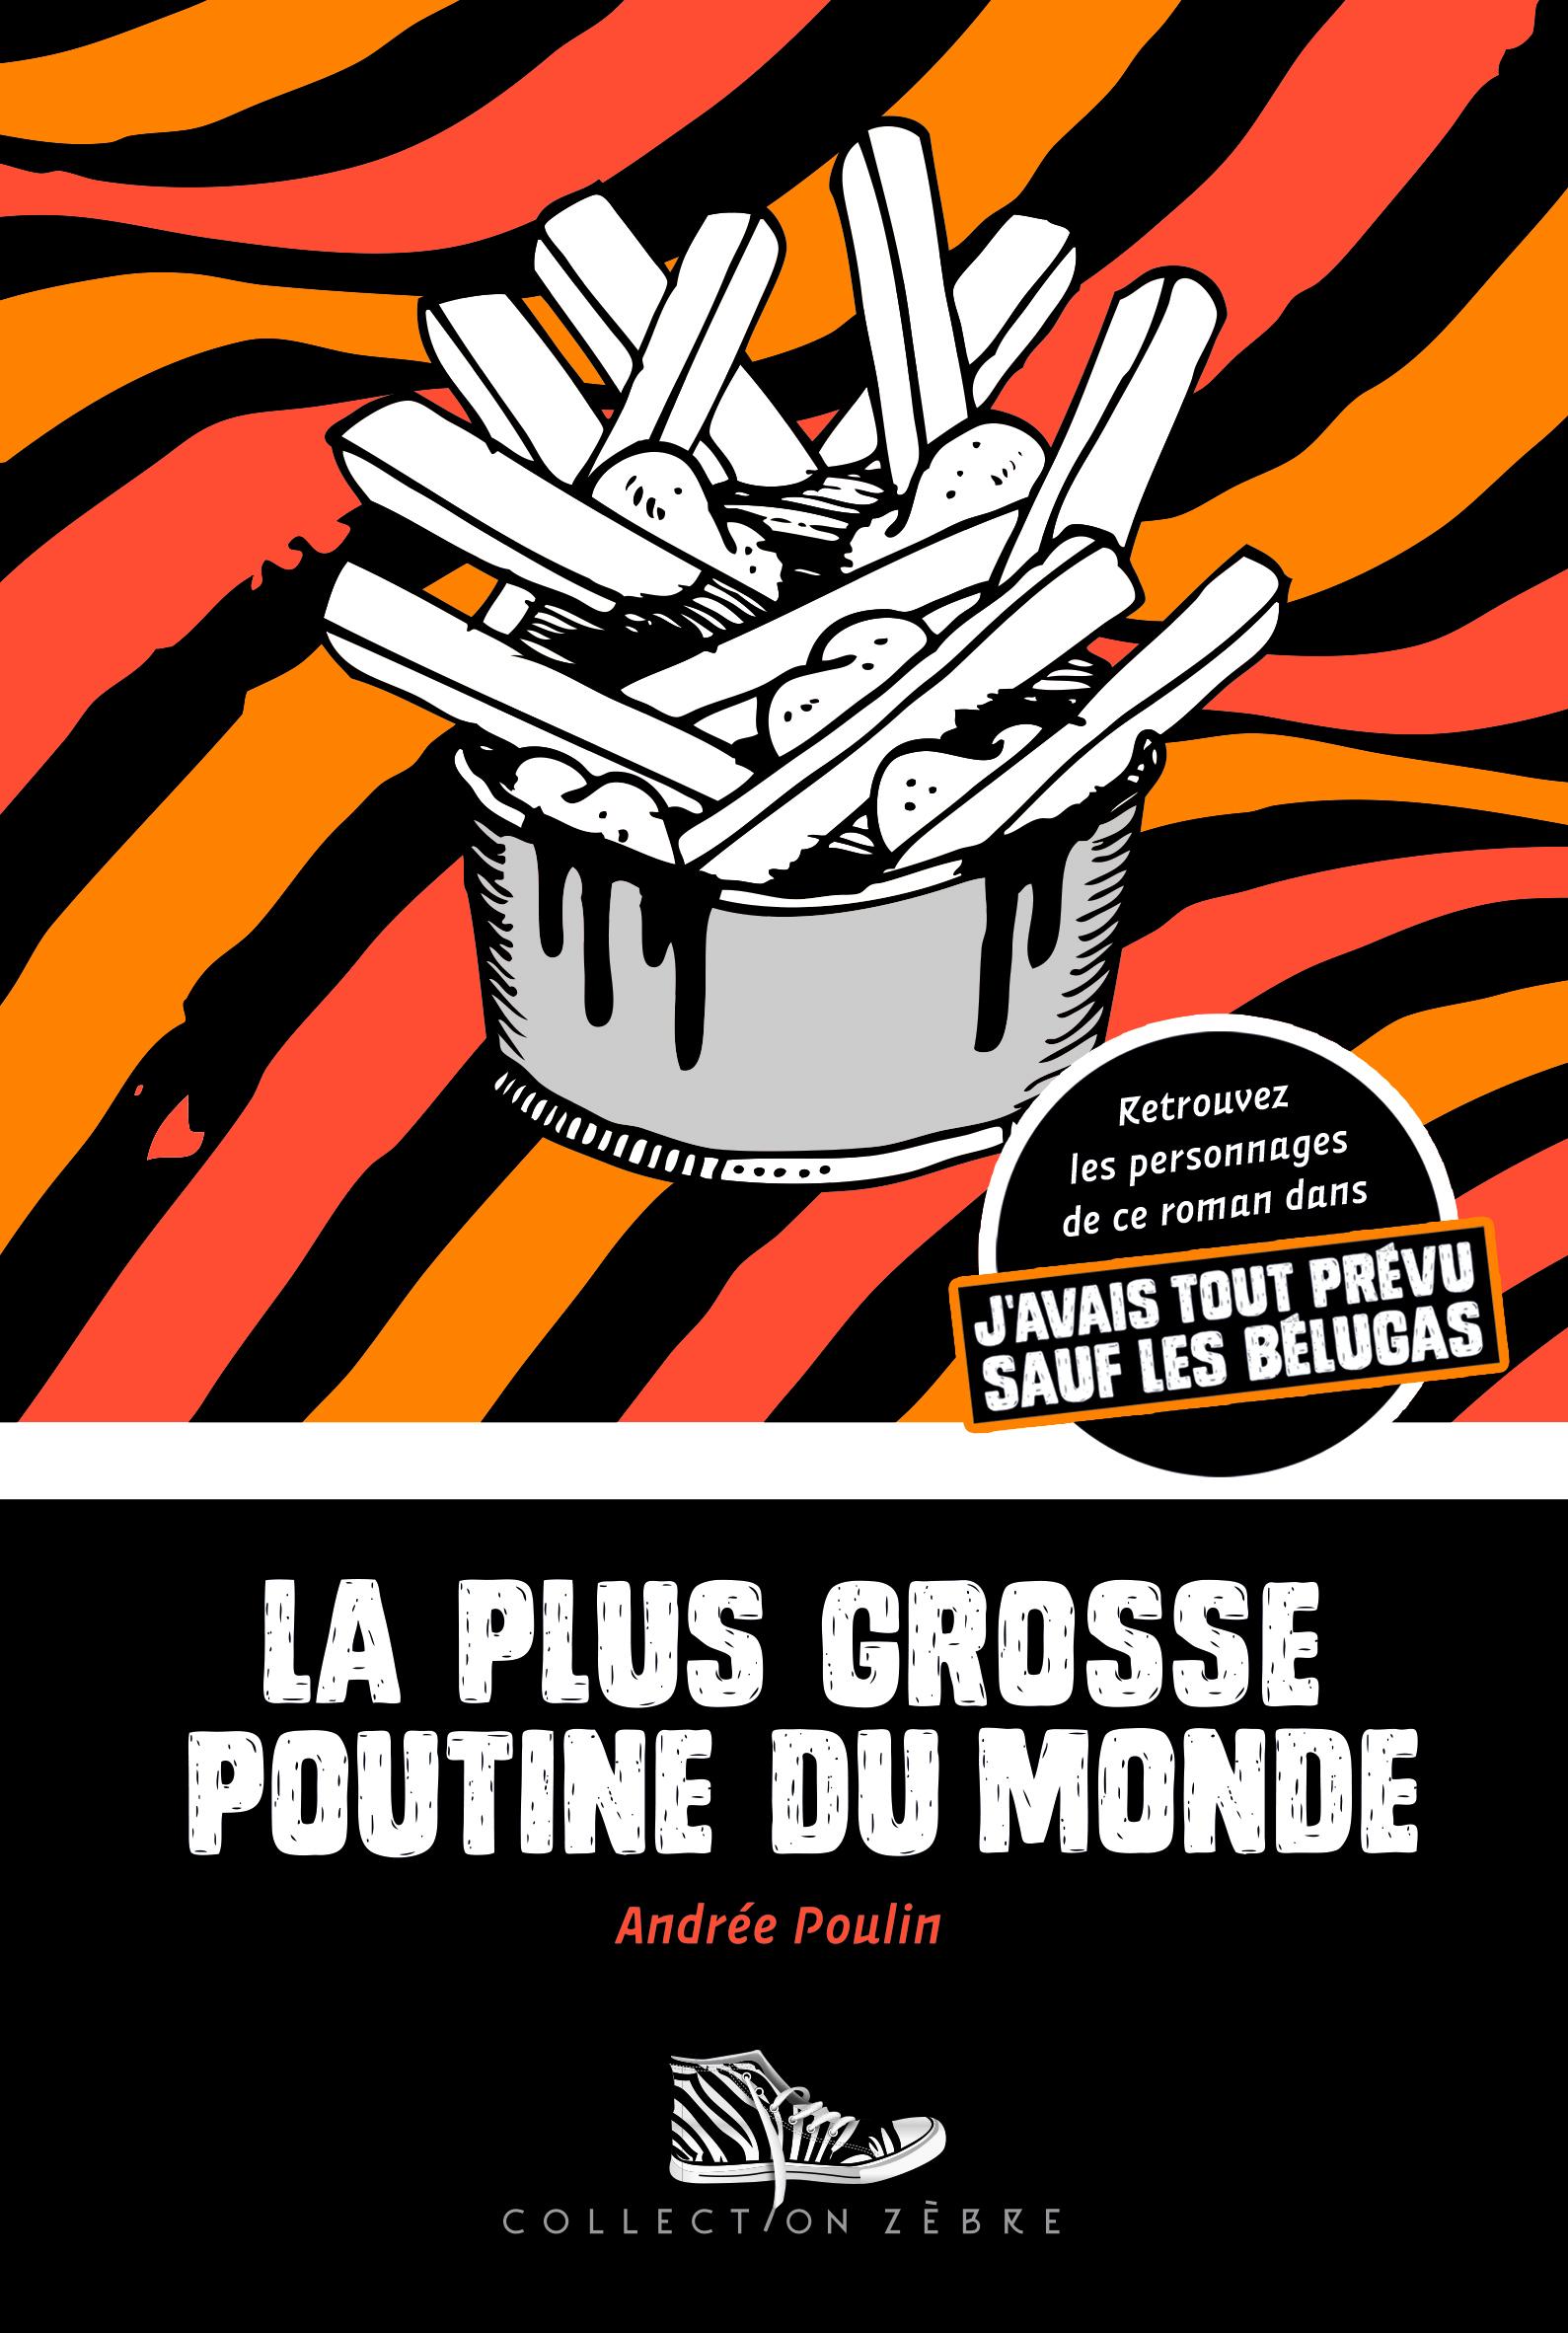 Couverture : Plus grosse poutine du monde (La) Andrée Poulin